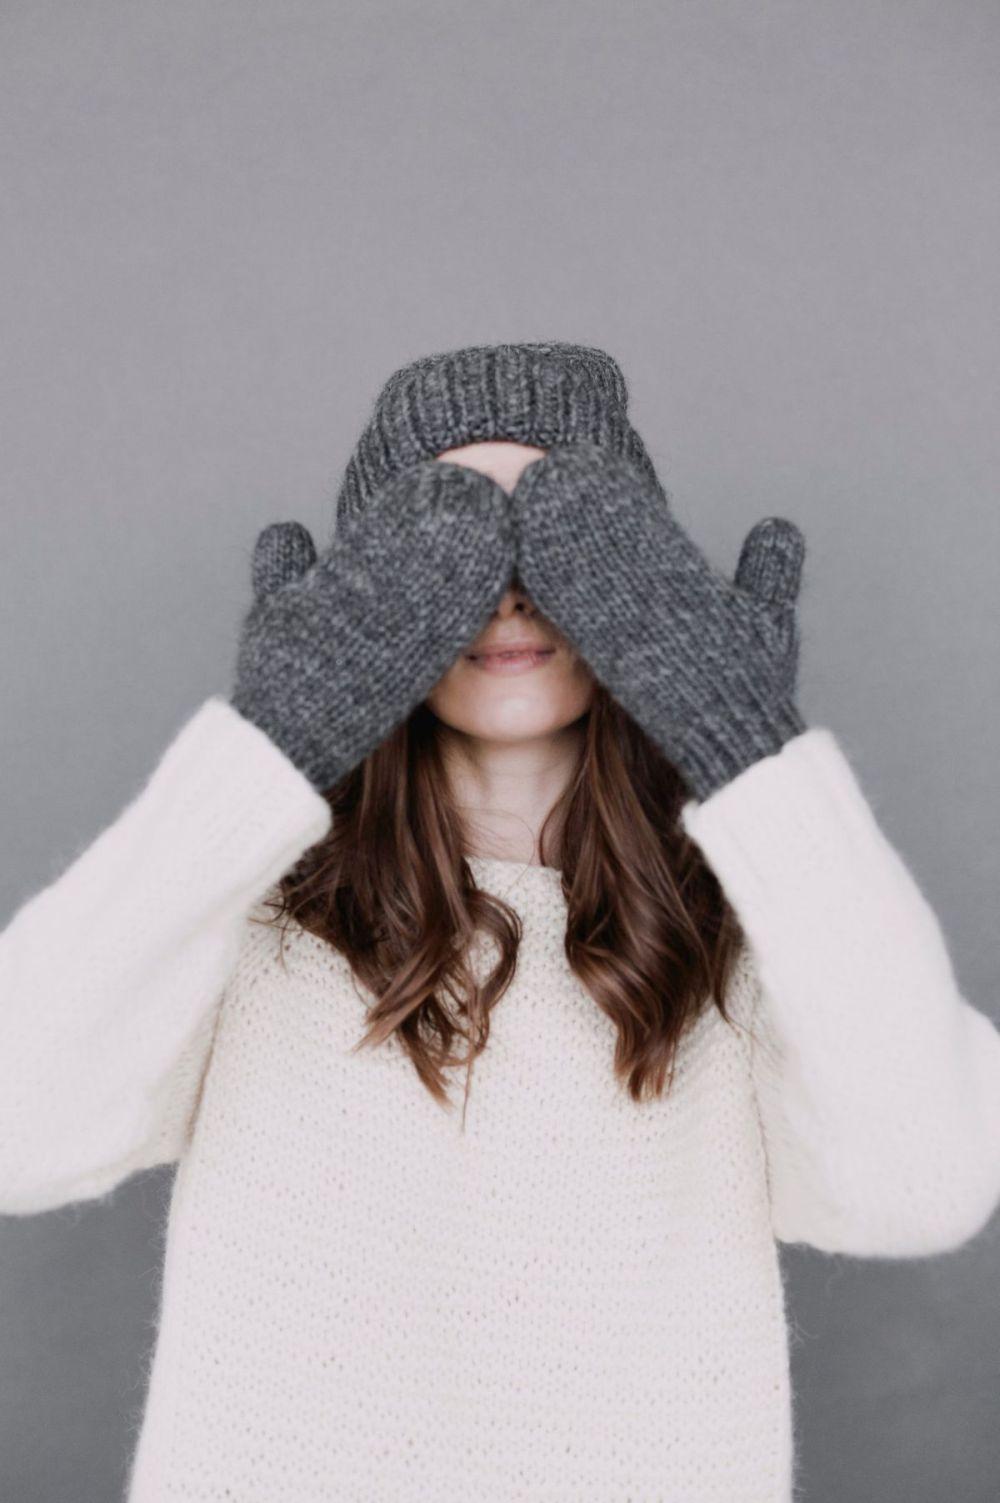 Modna iciepła zima